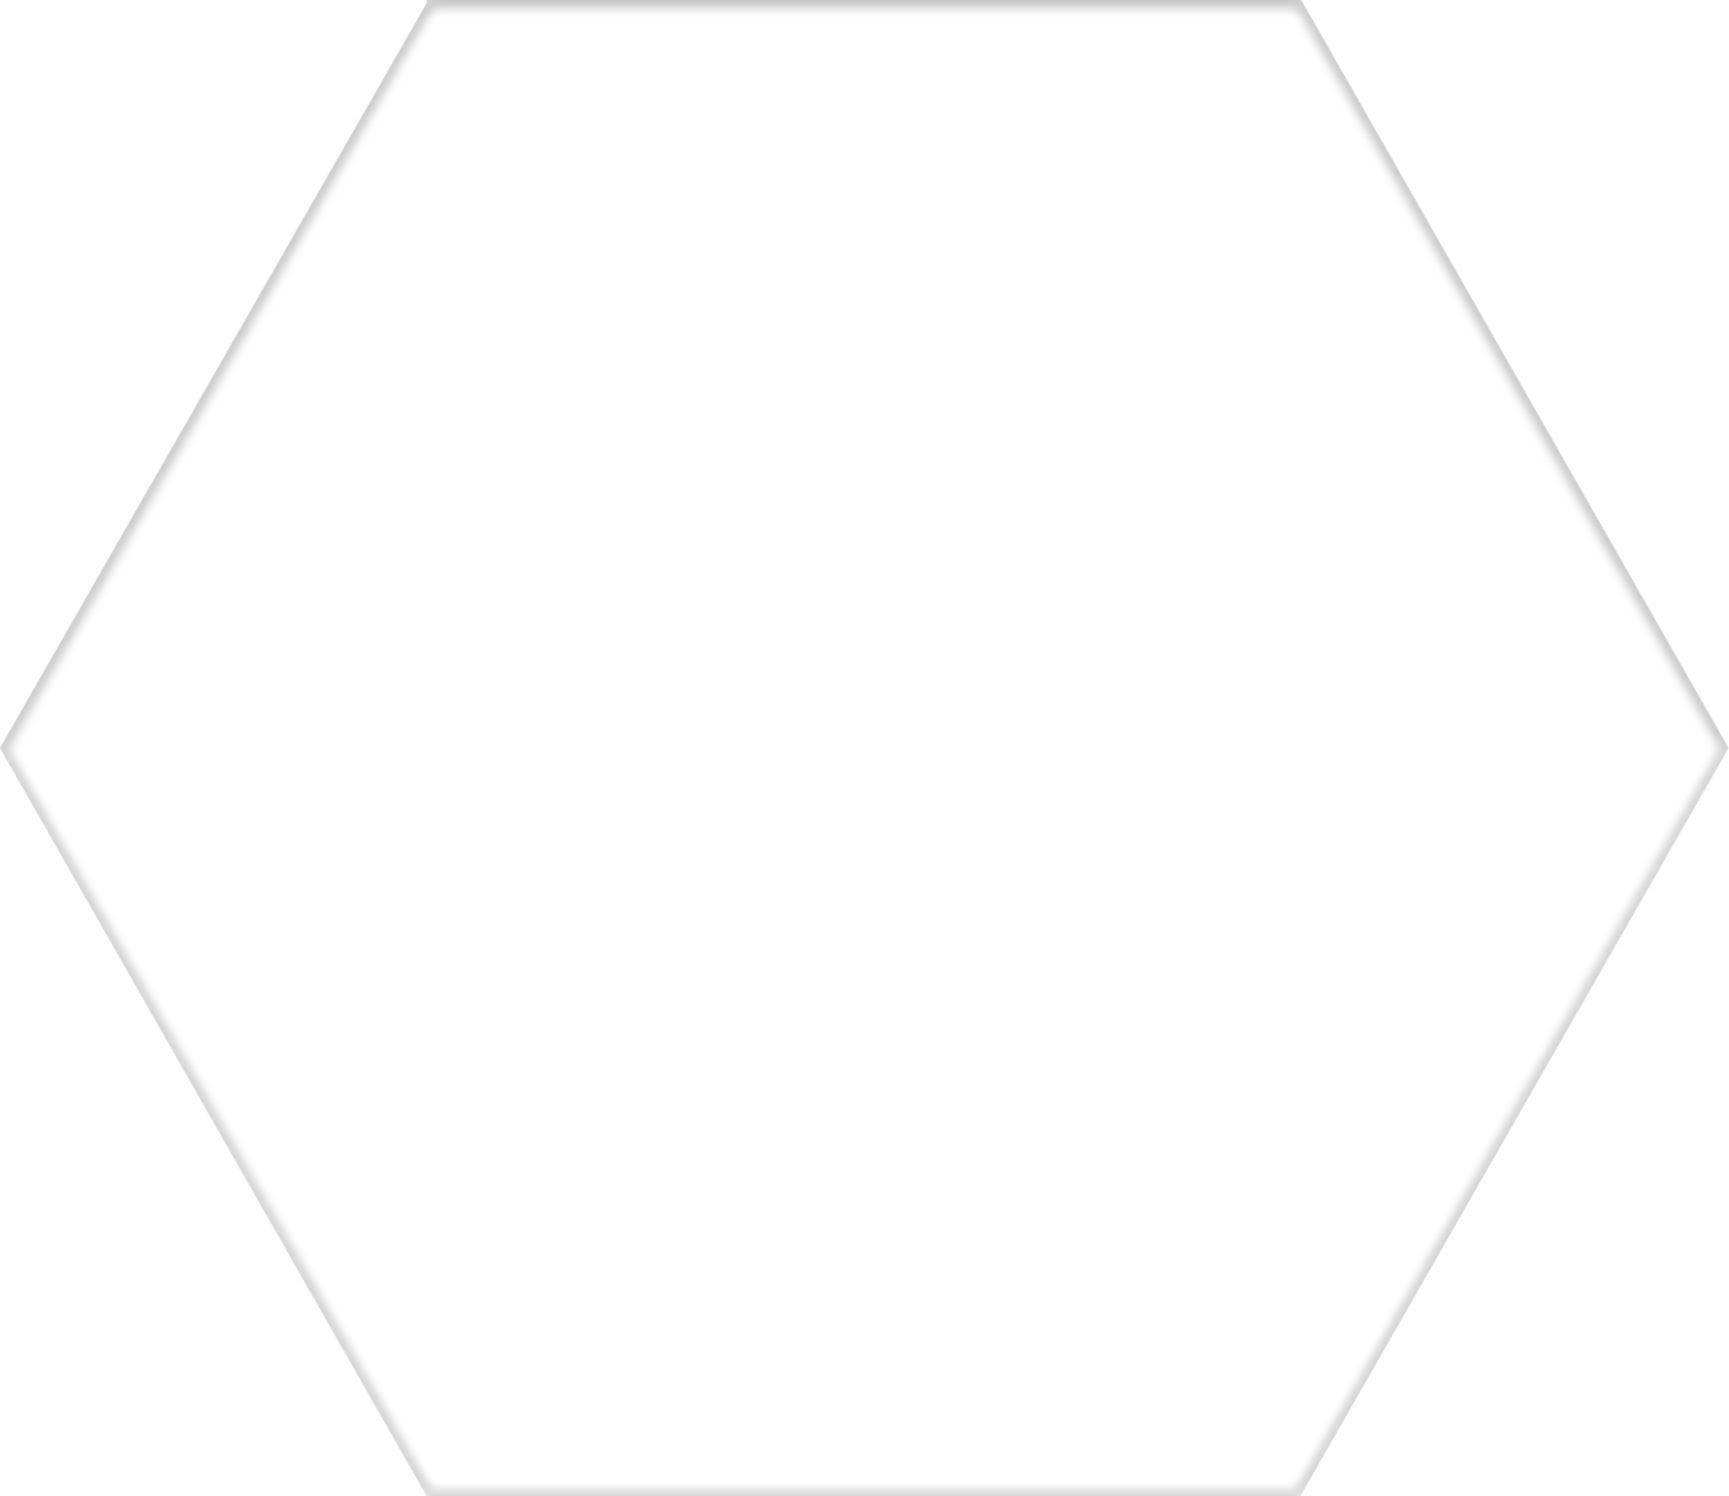 Hex 25 Basic White 22x25 Płytki heksagonalne